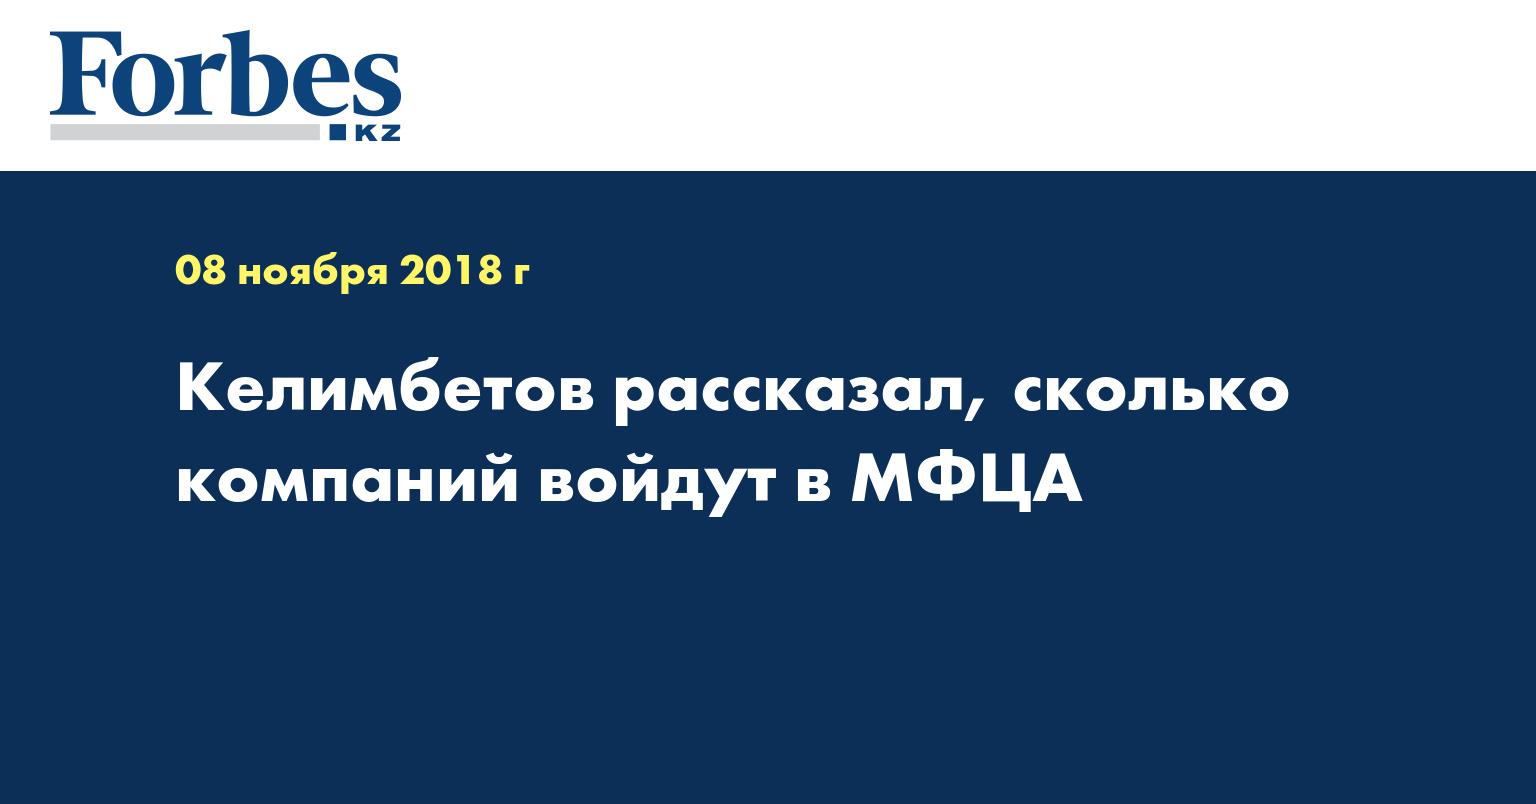 Келимбетов рассказал, сколько компаний войдут в МФЦА